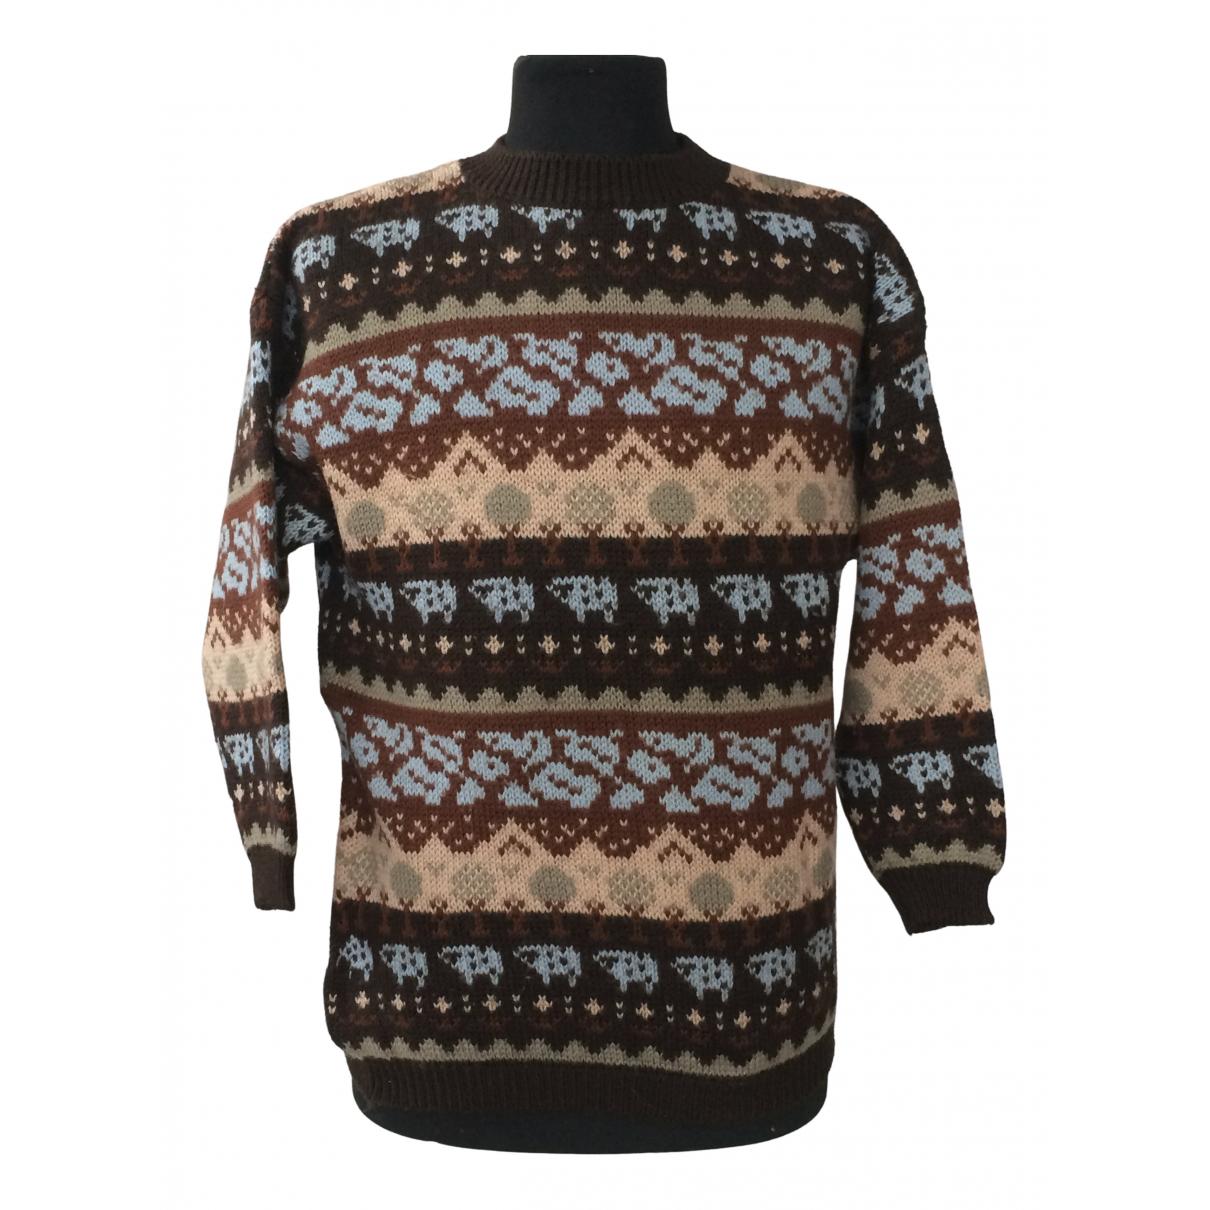 Benetton - Pulls.Gilets.Sweats   pour homme en laine - multicolore